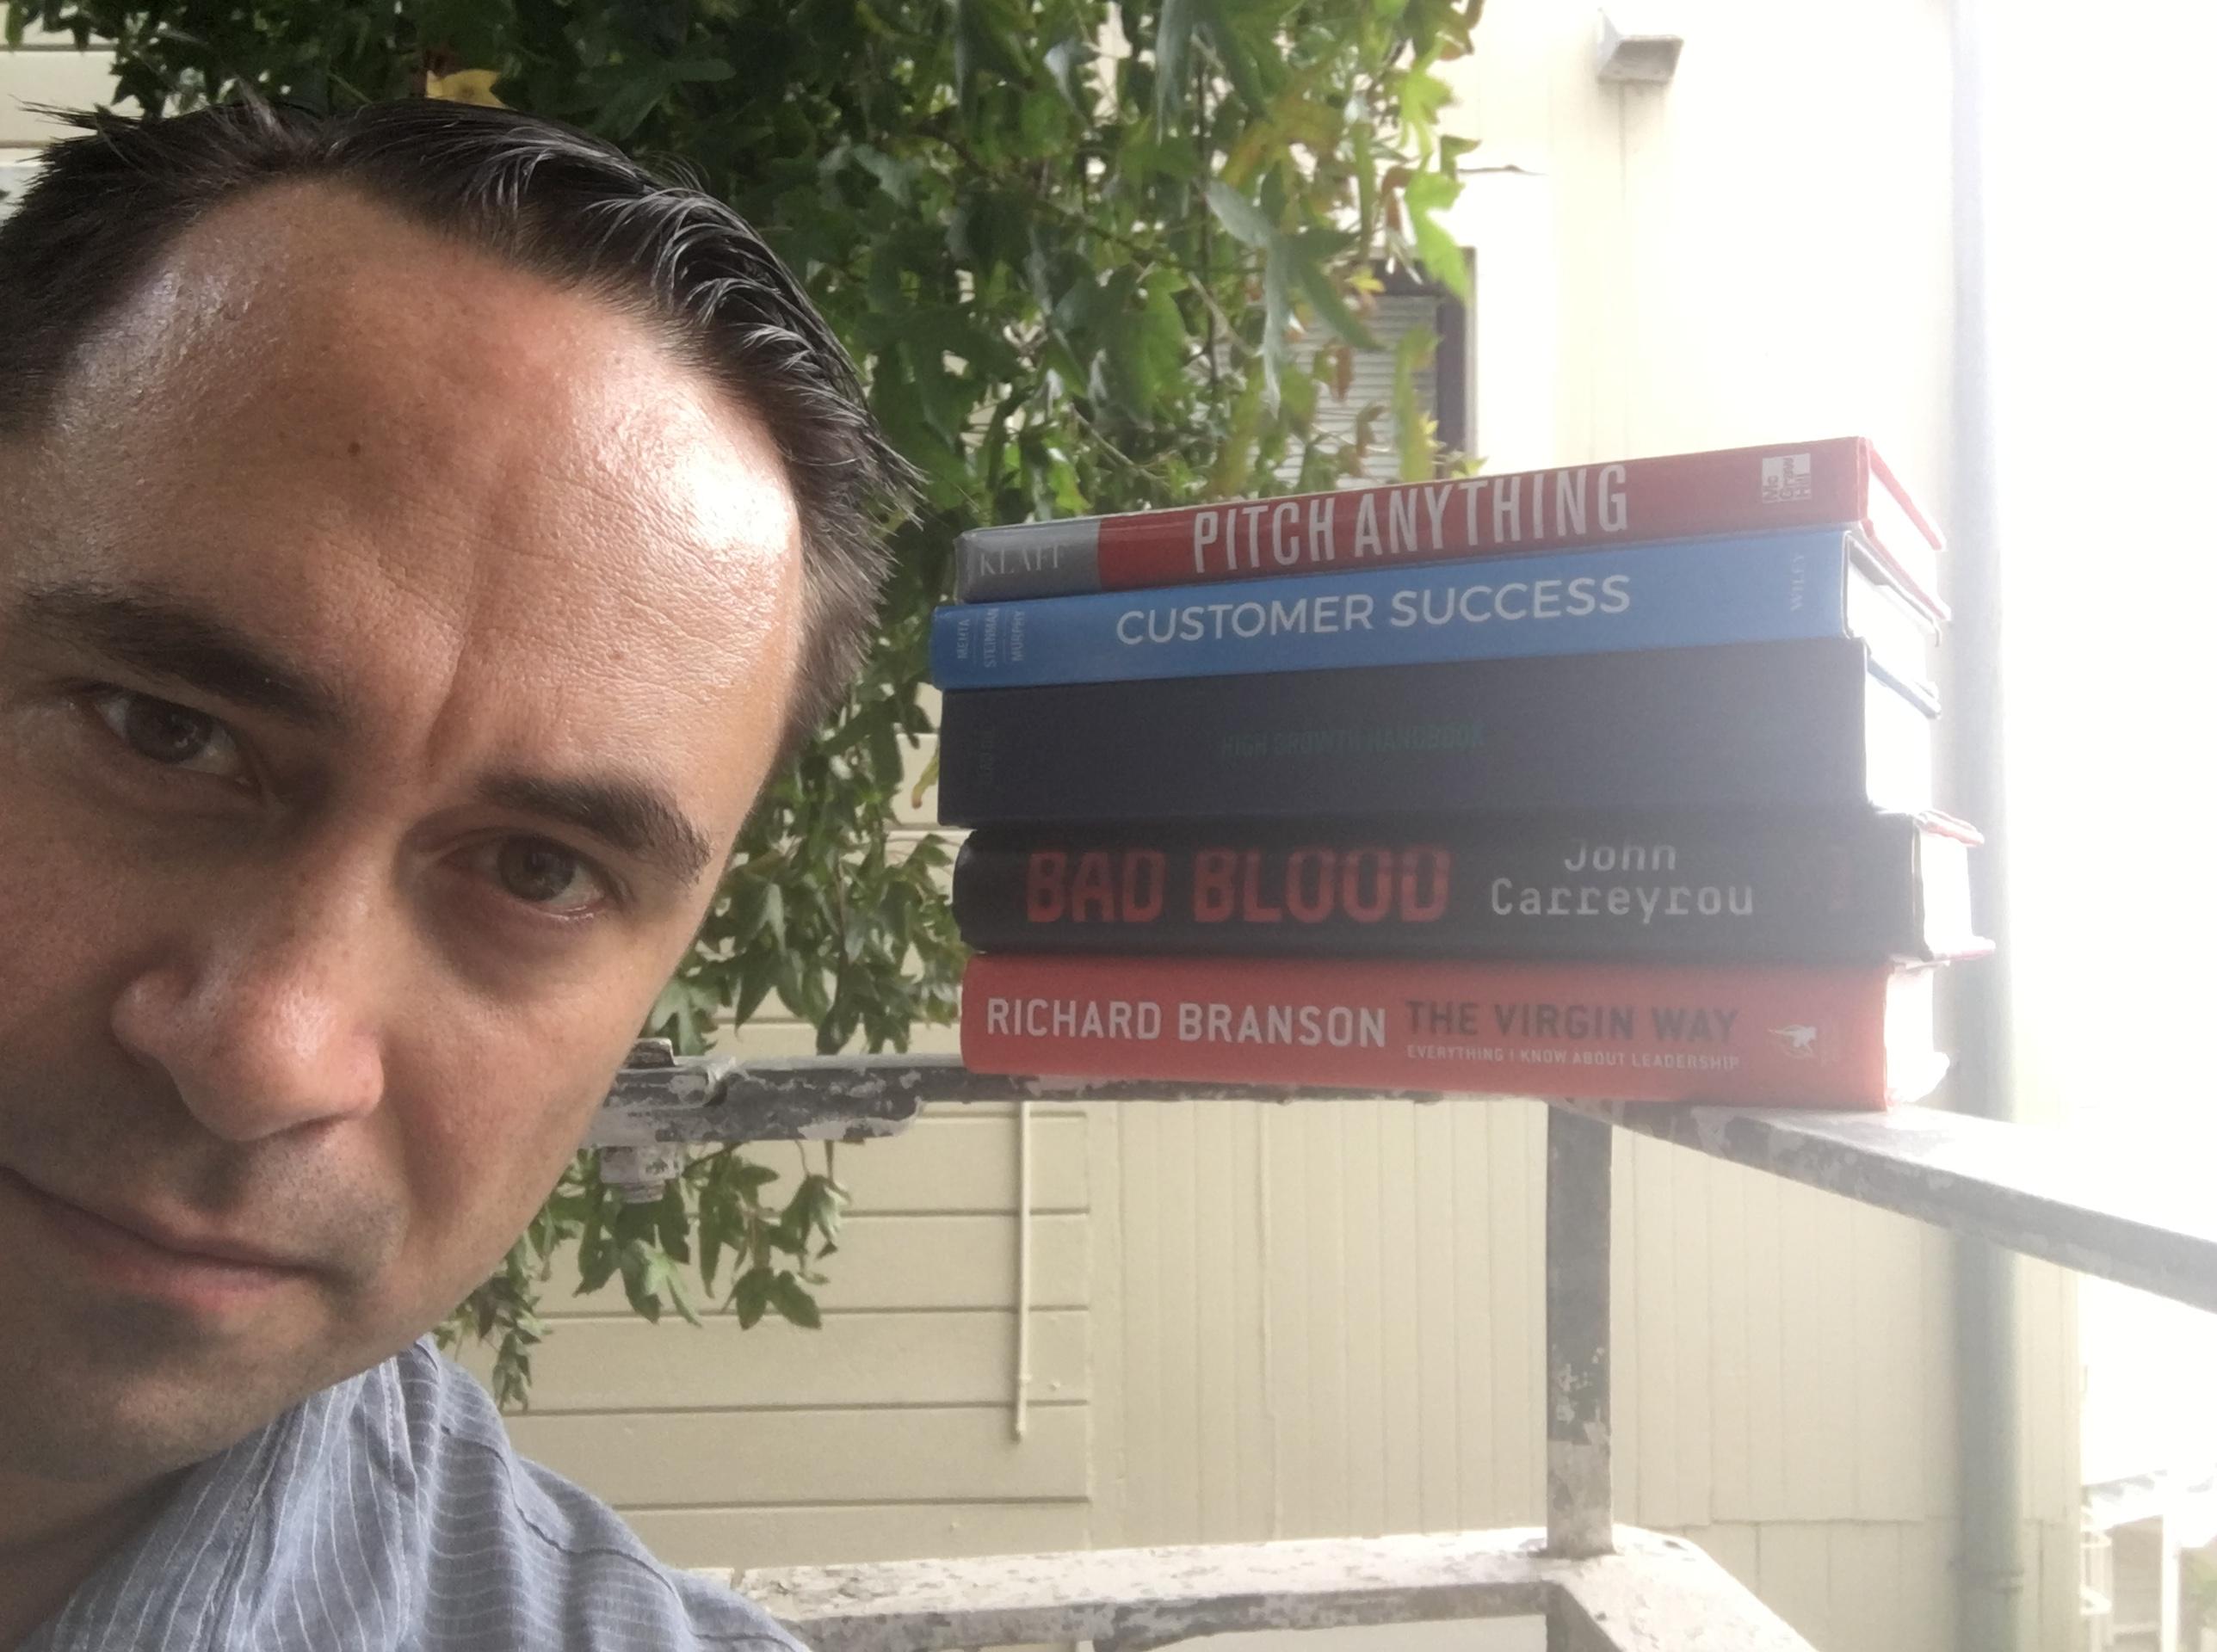 A Startup Founder's Summer Reading List - Paubox